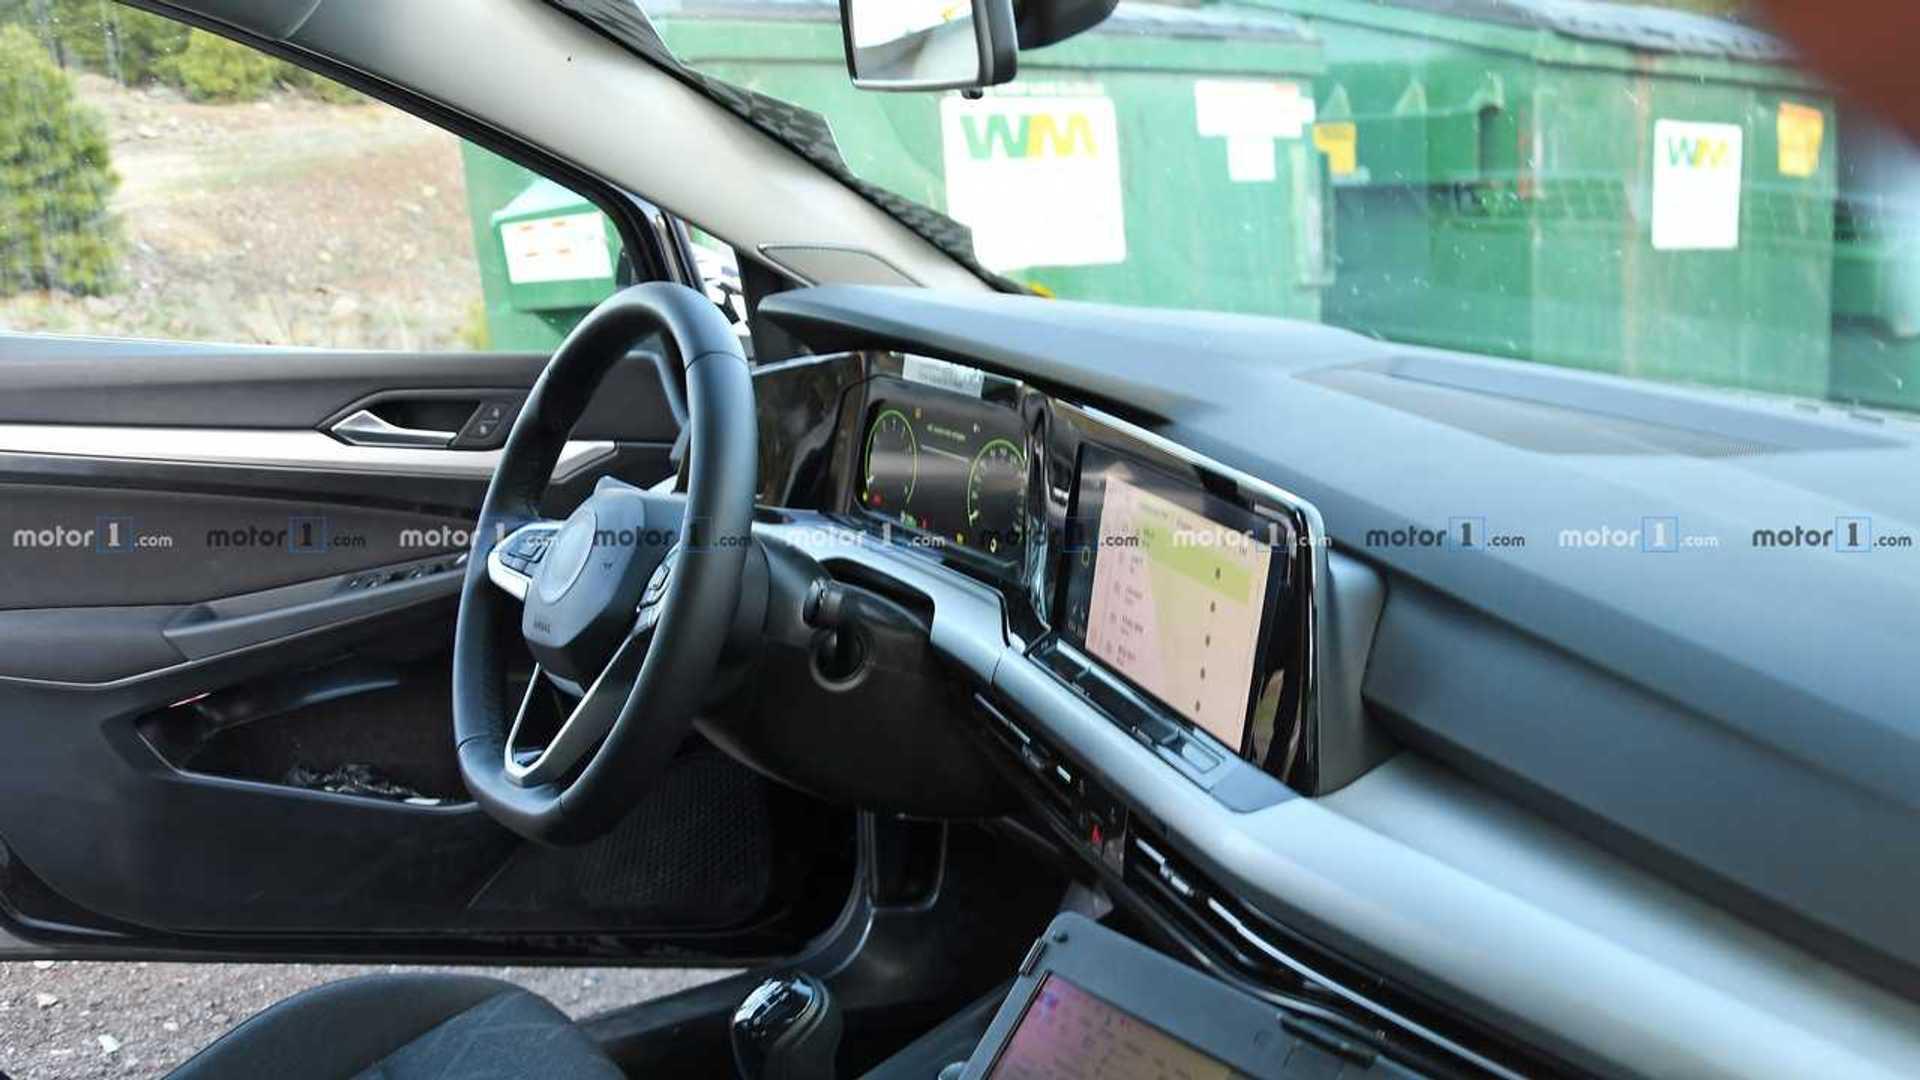 VW Golf 8 (2019): Innenraum erstmals fotografiert